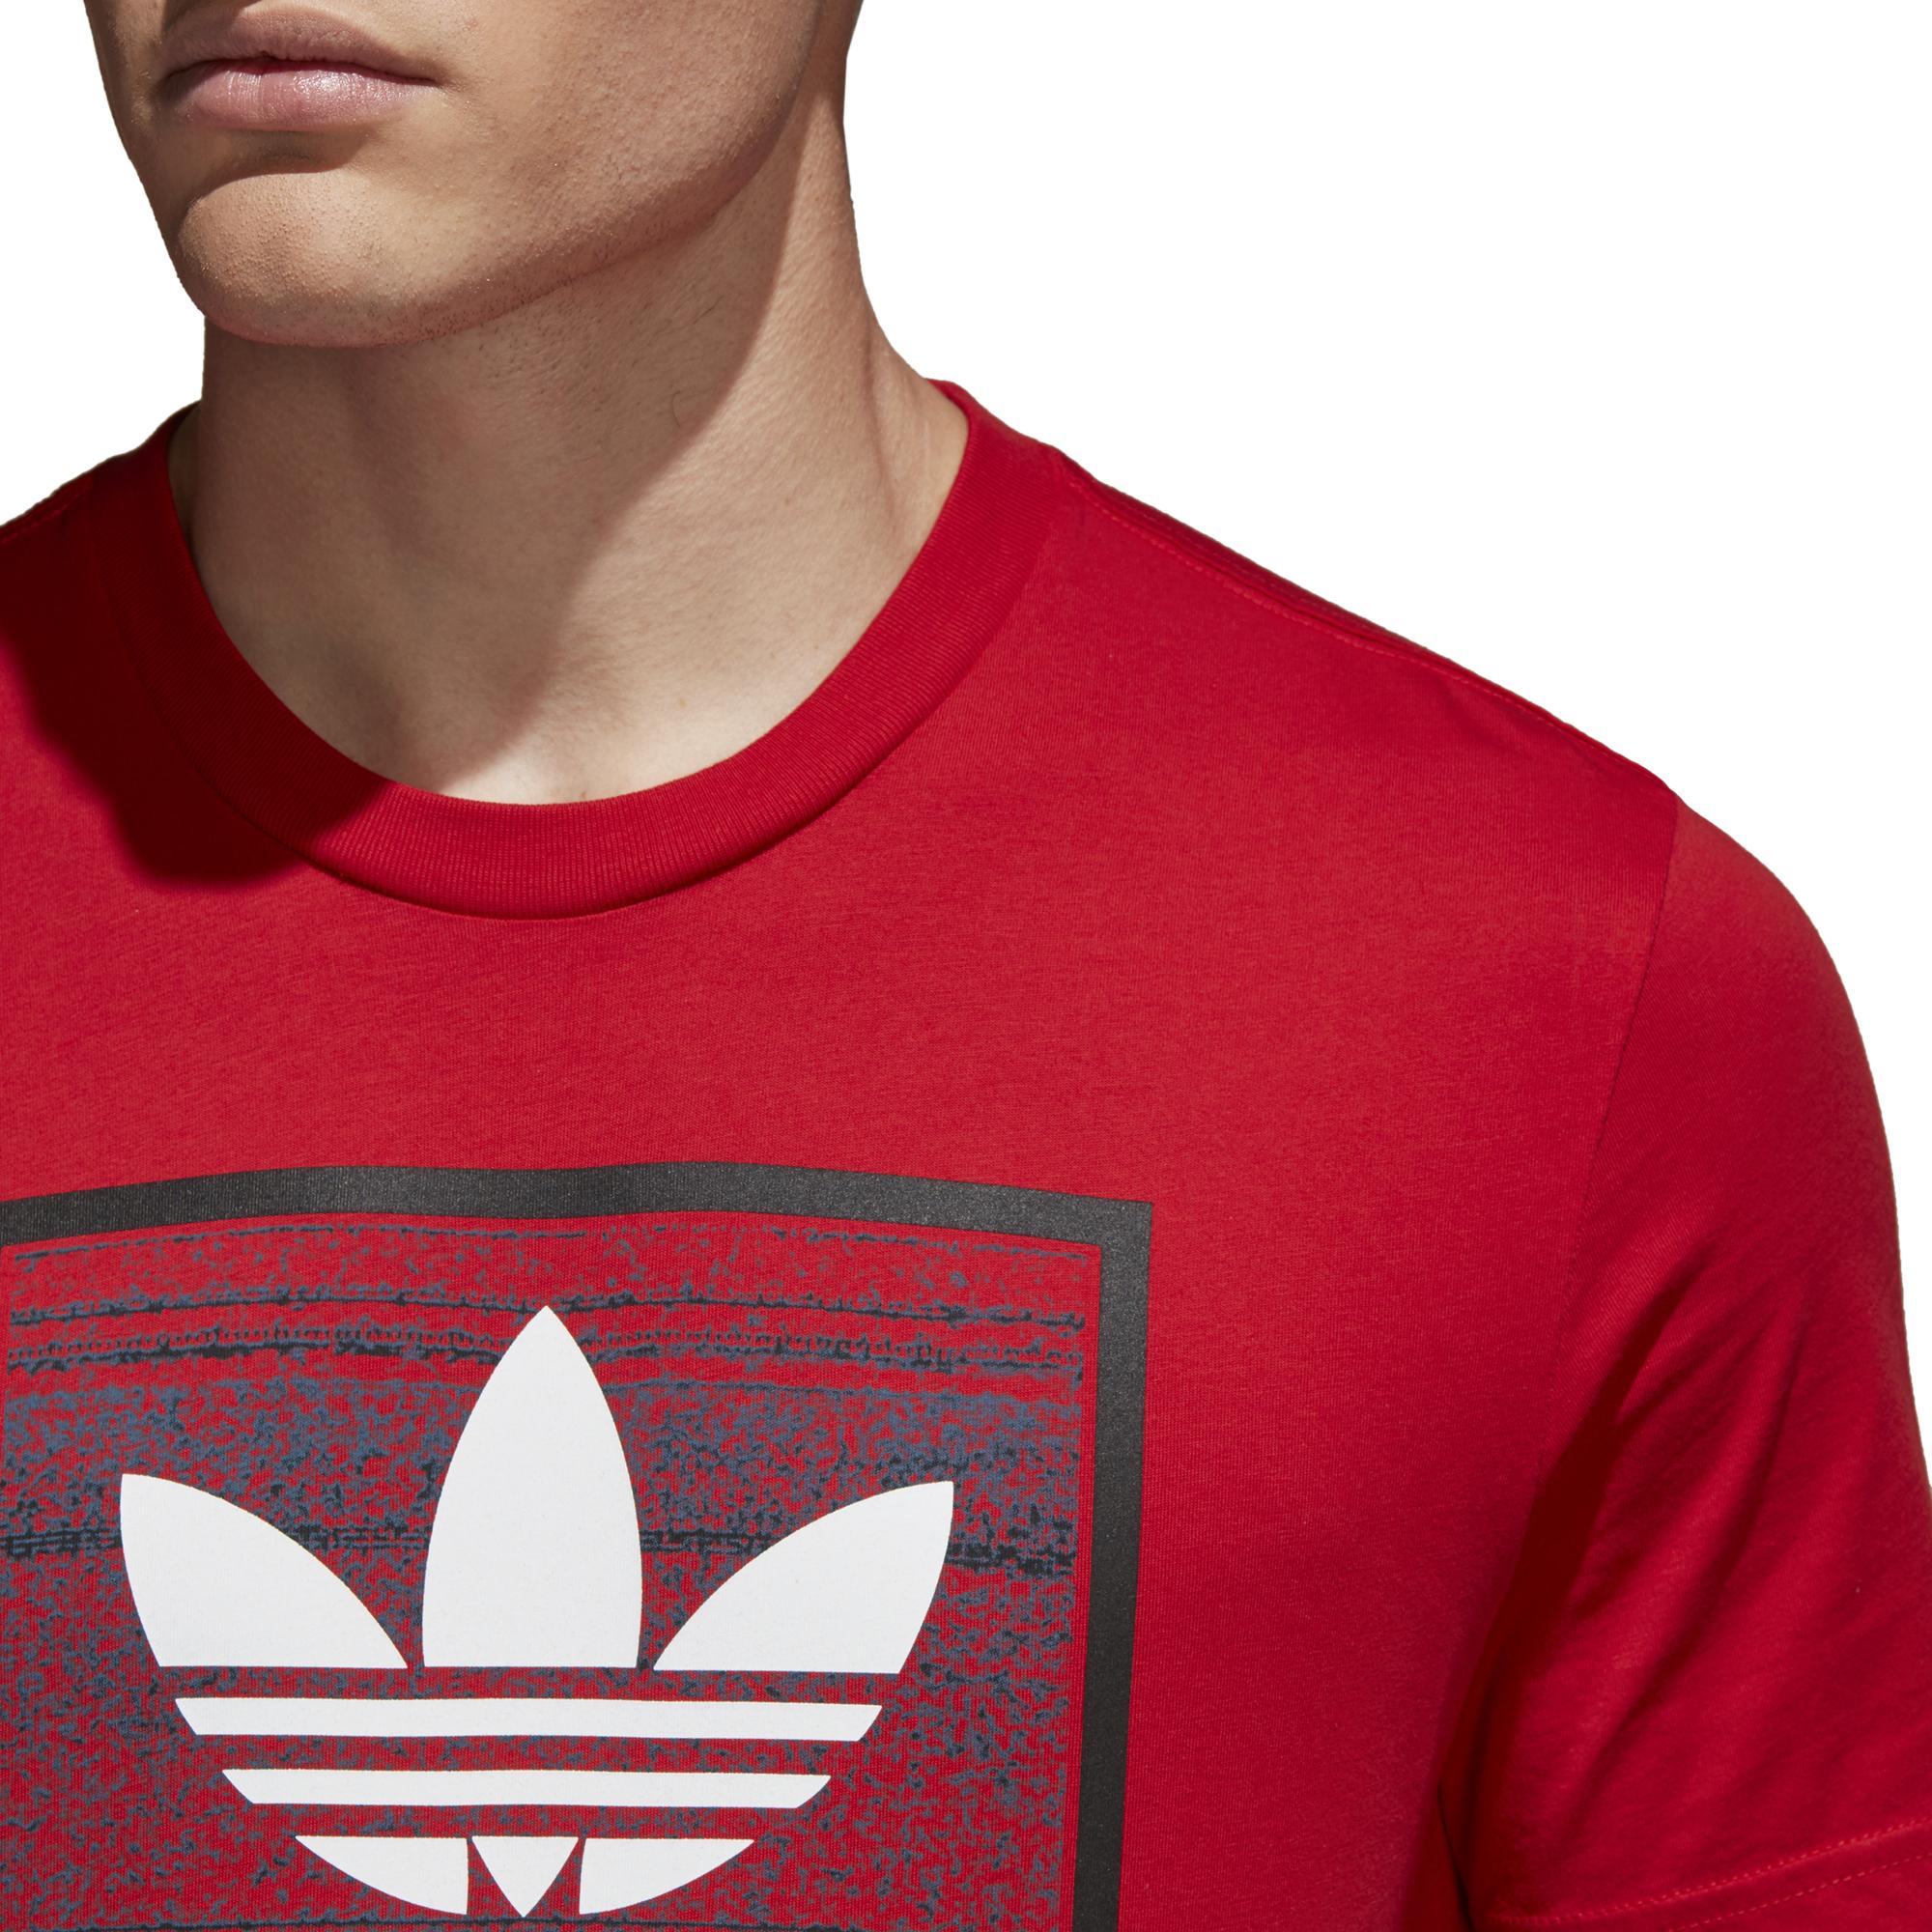 informacje dla najlepsze ceny świetna jakość koszulka adidas Traction in Action Tongue Label CE2244